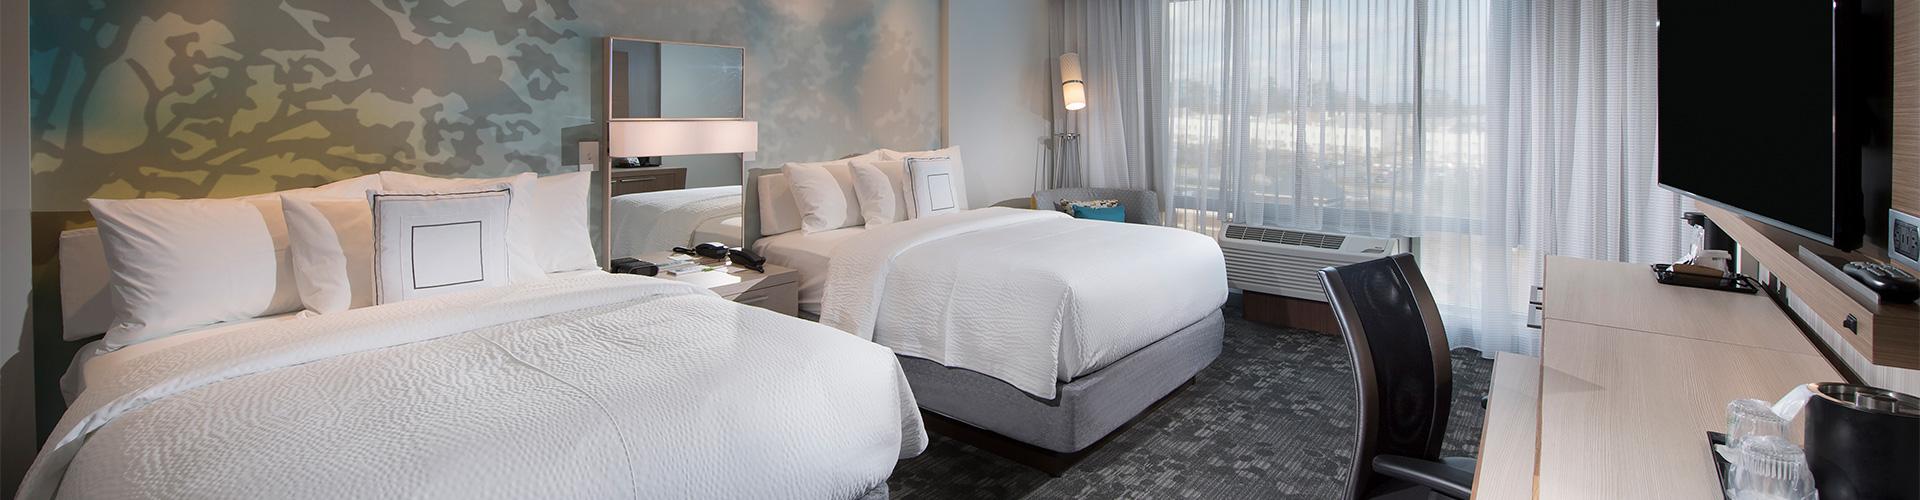 DRB Hotels